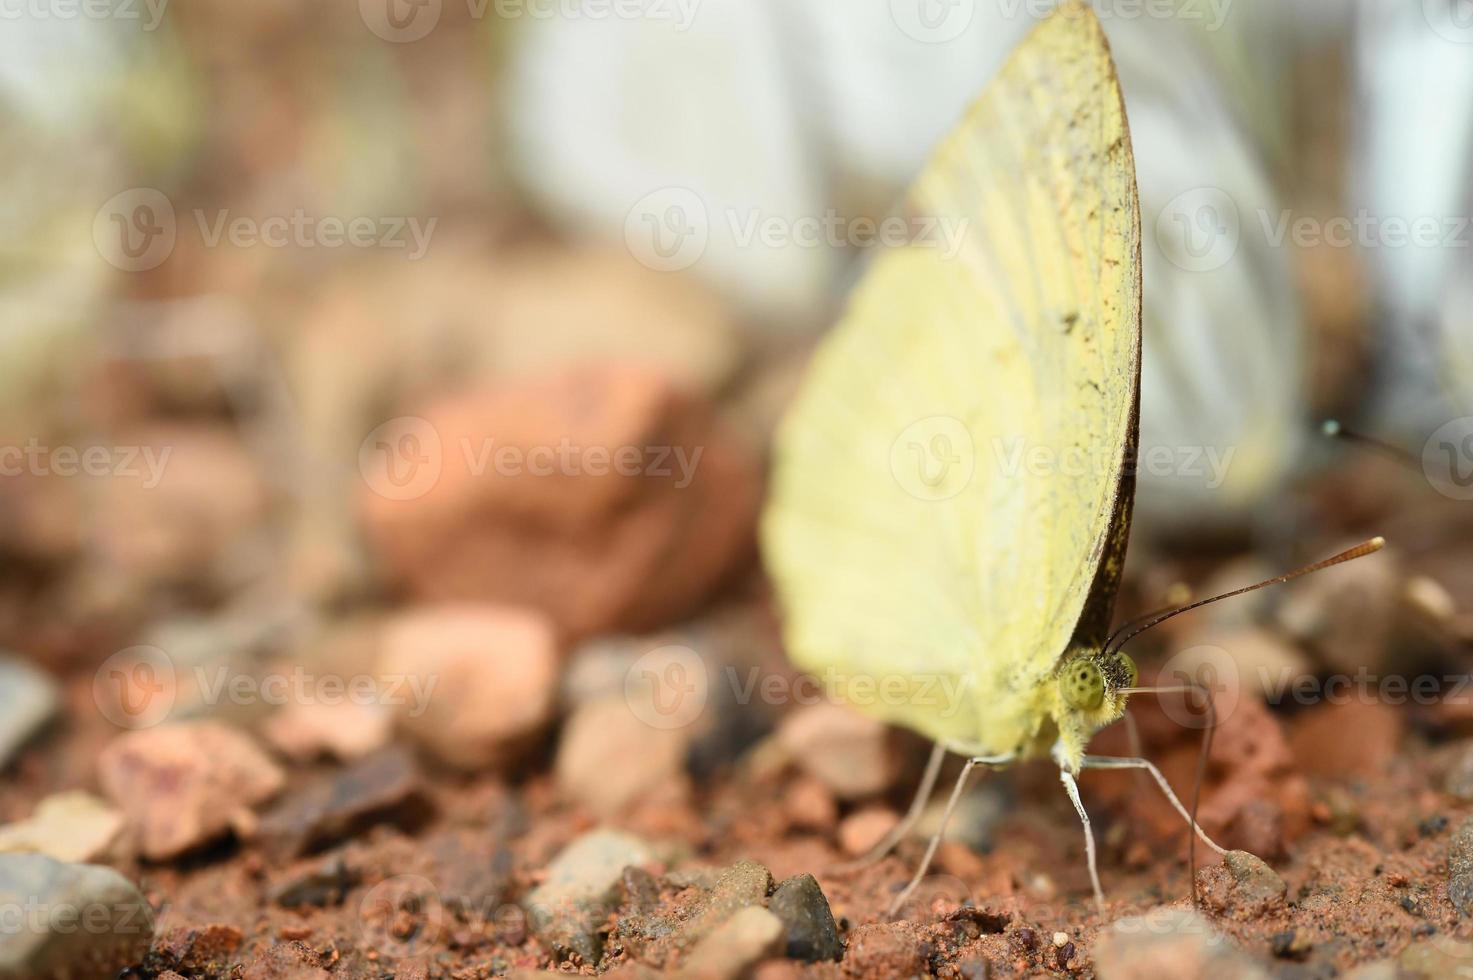 Schmetterling auf dem Boden foto